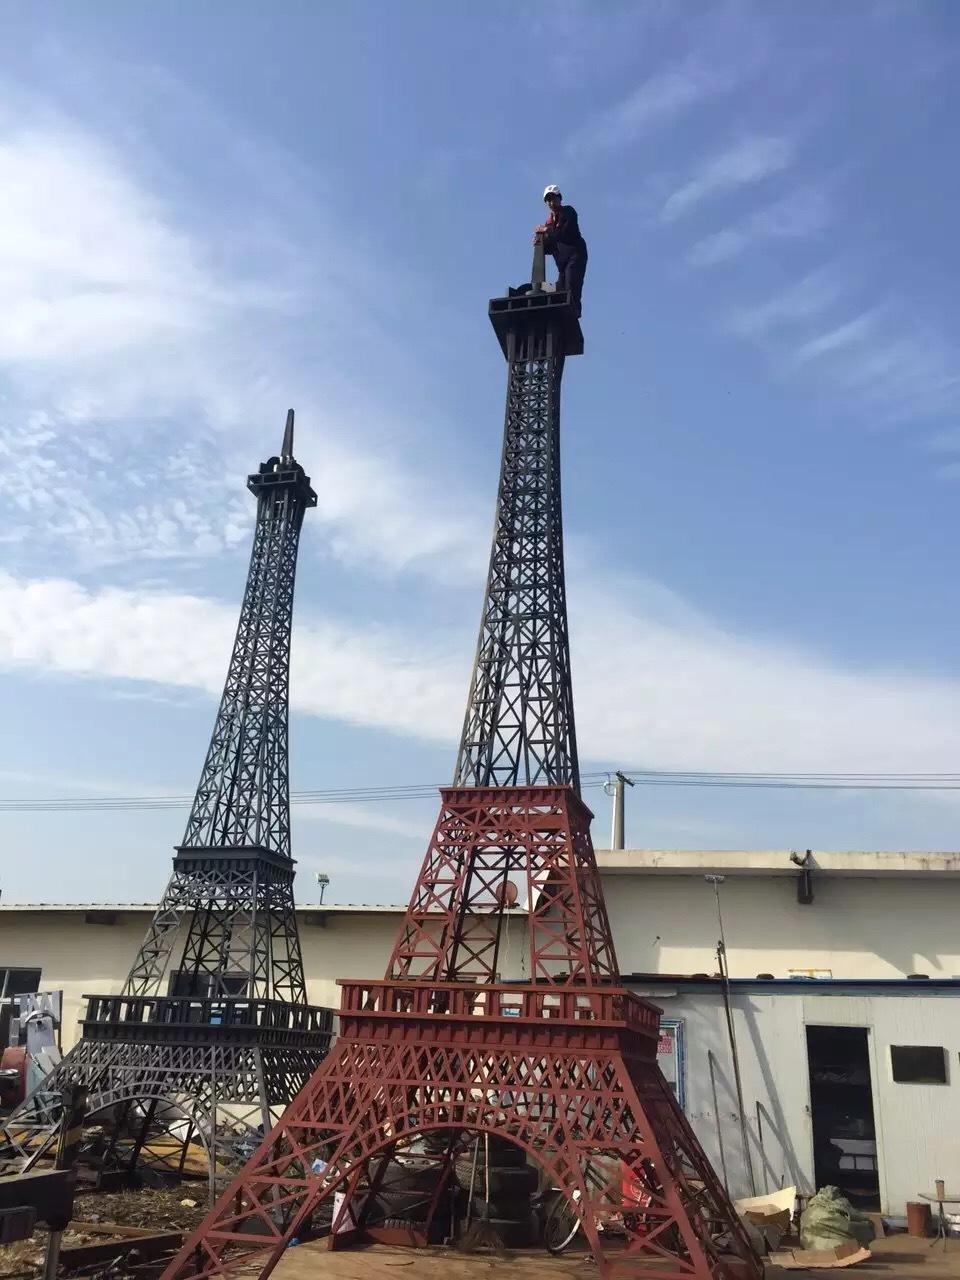 上海弘讯模型工厂低价制作埃菲尔铁塔模型迪士尼巡游